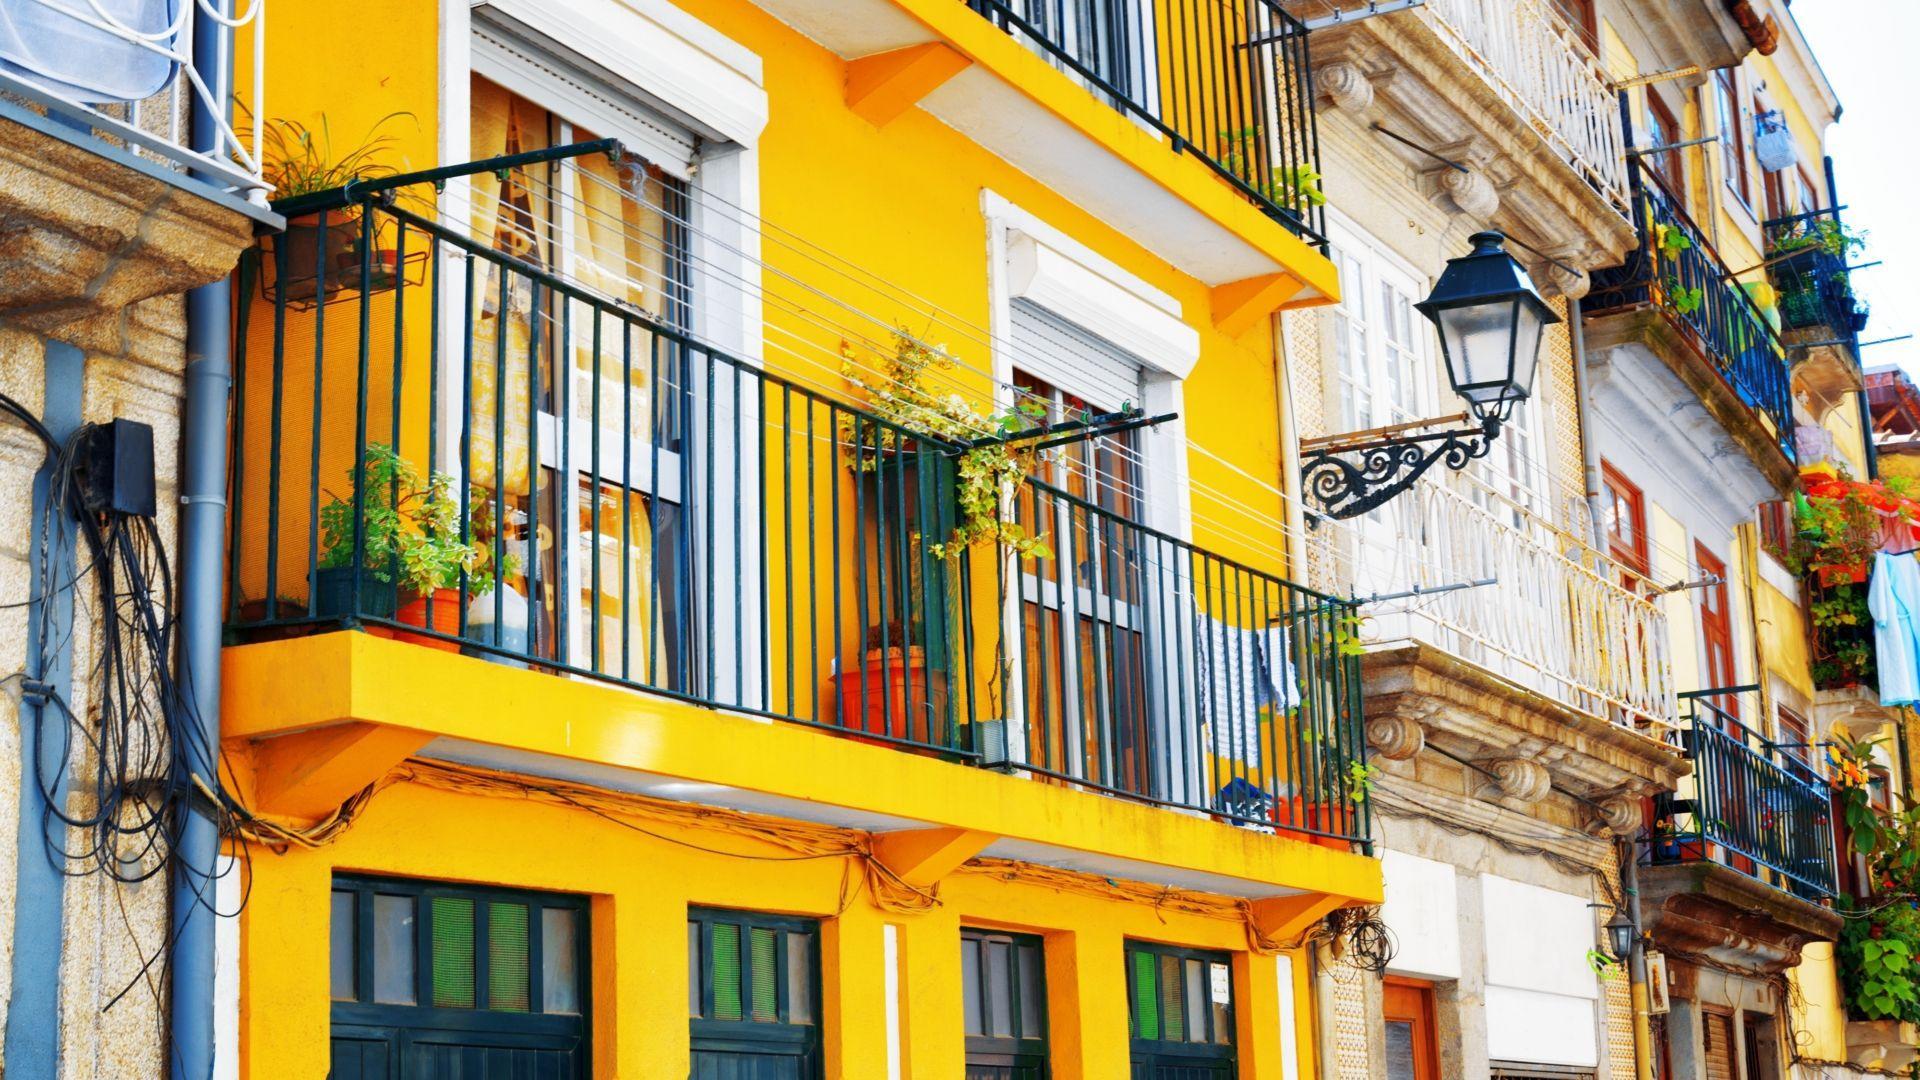 Spalvingi senų namų fasadai Porto mieste